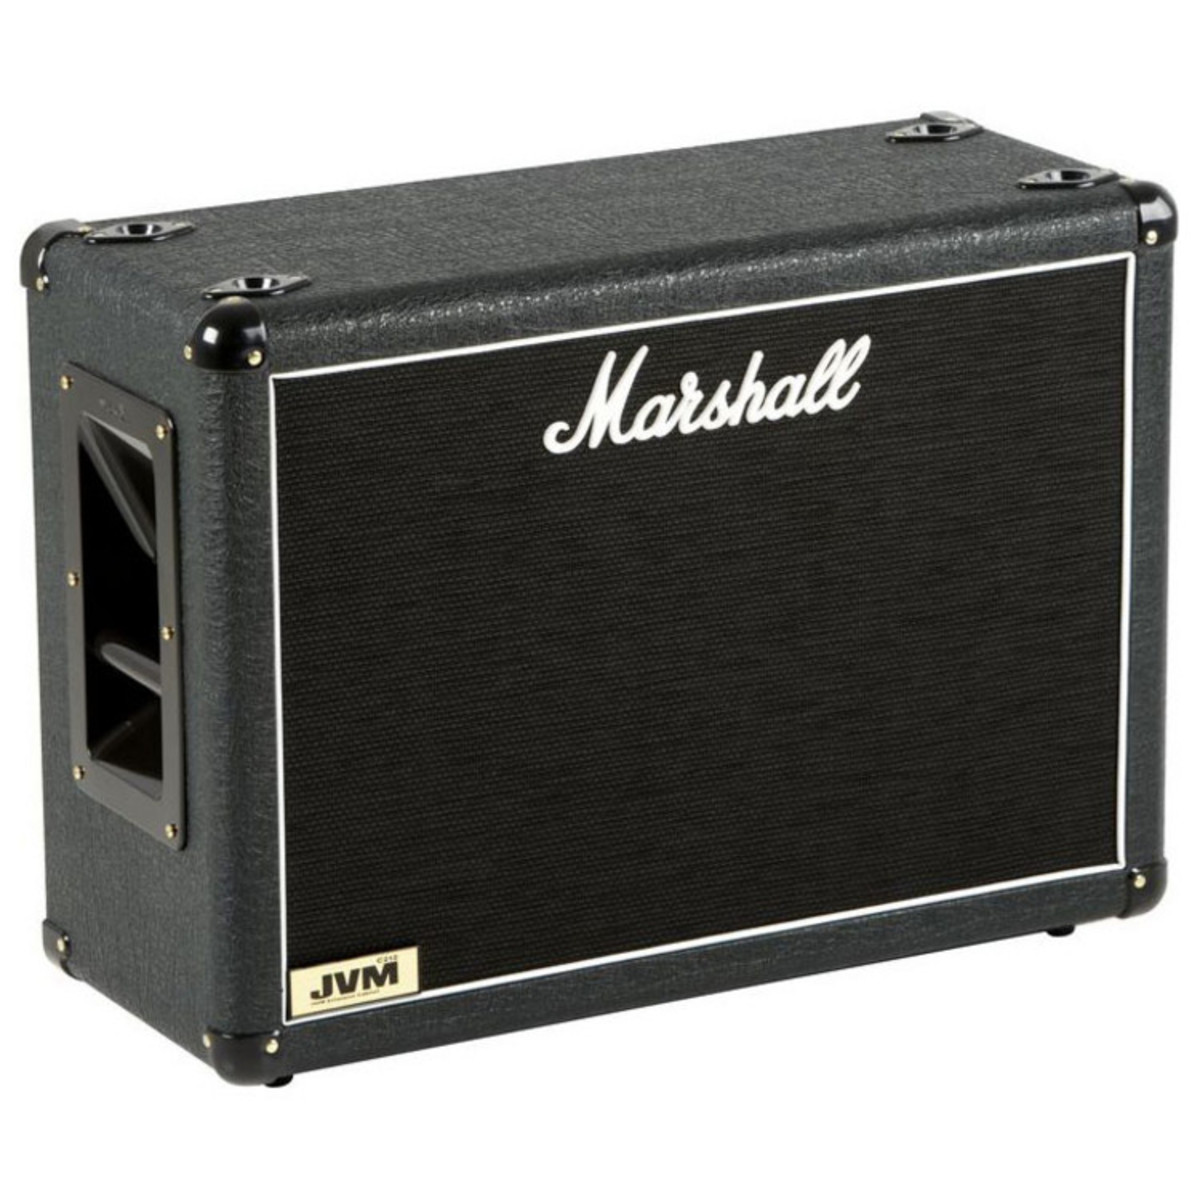 Marshall JVMC212 Guitar Speaker Cabinet - left. Loading zoom - Marshall JVMC212 Guitar Speaker Cabinet At Gear4music.com